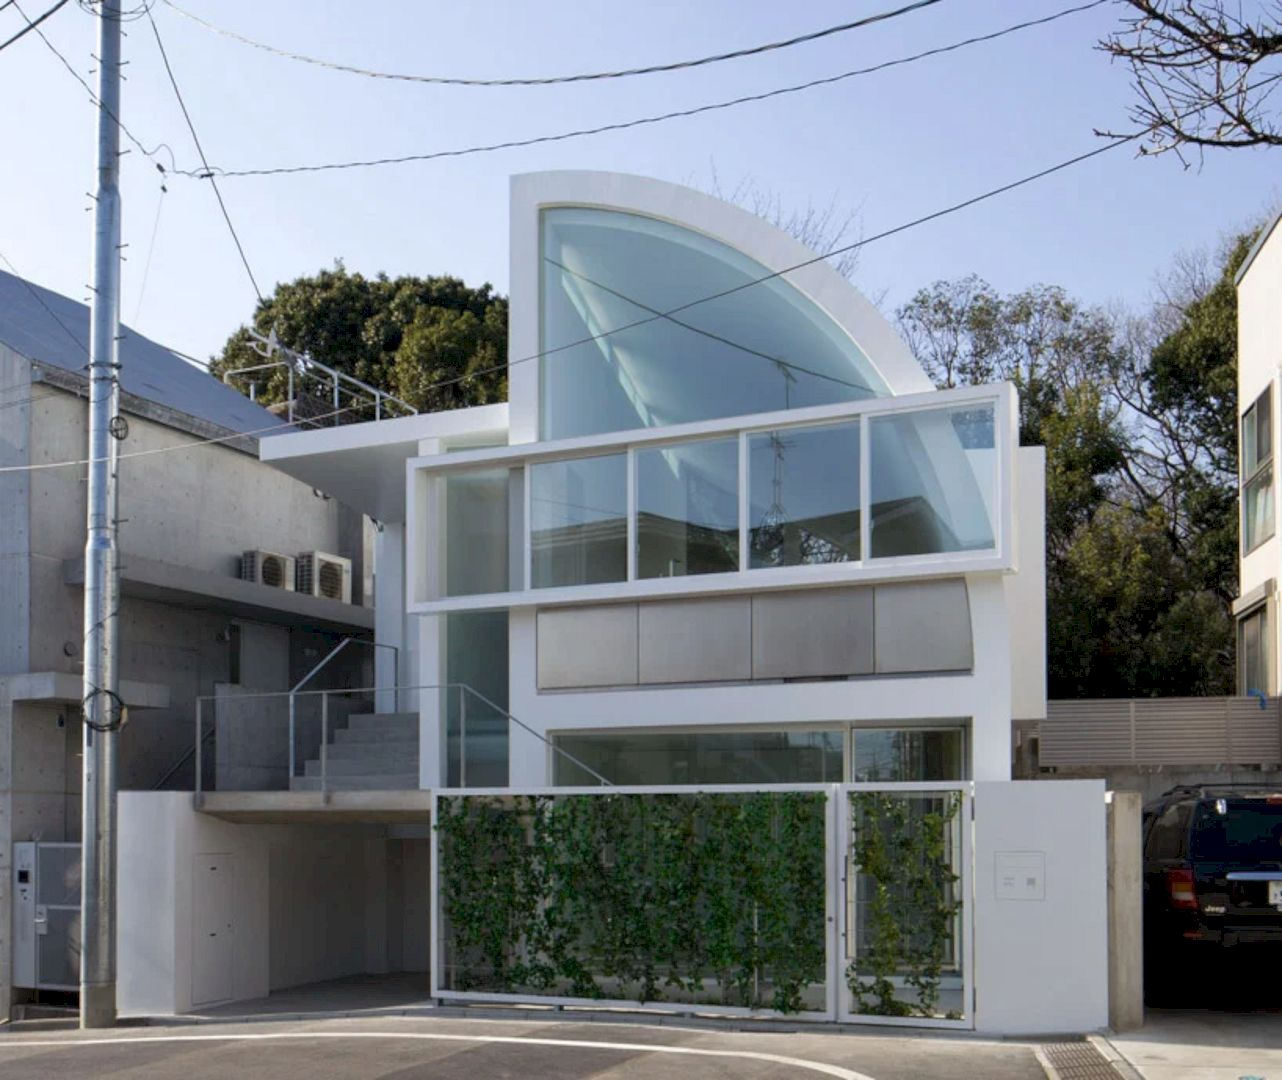 House At Hanegi Park By Shigeru Ban Architects 7